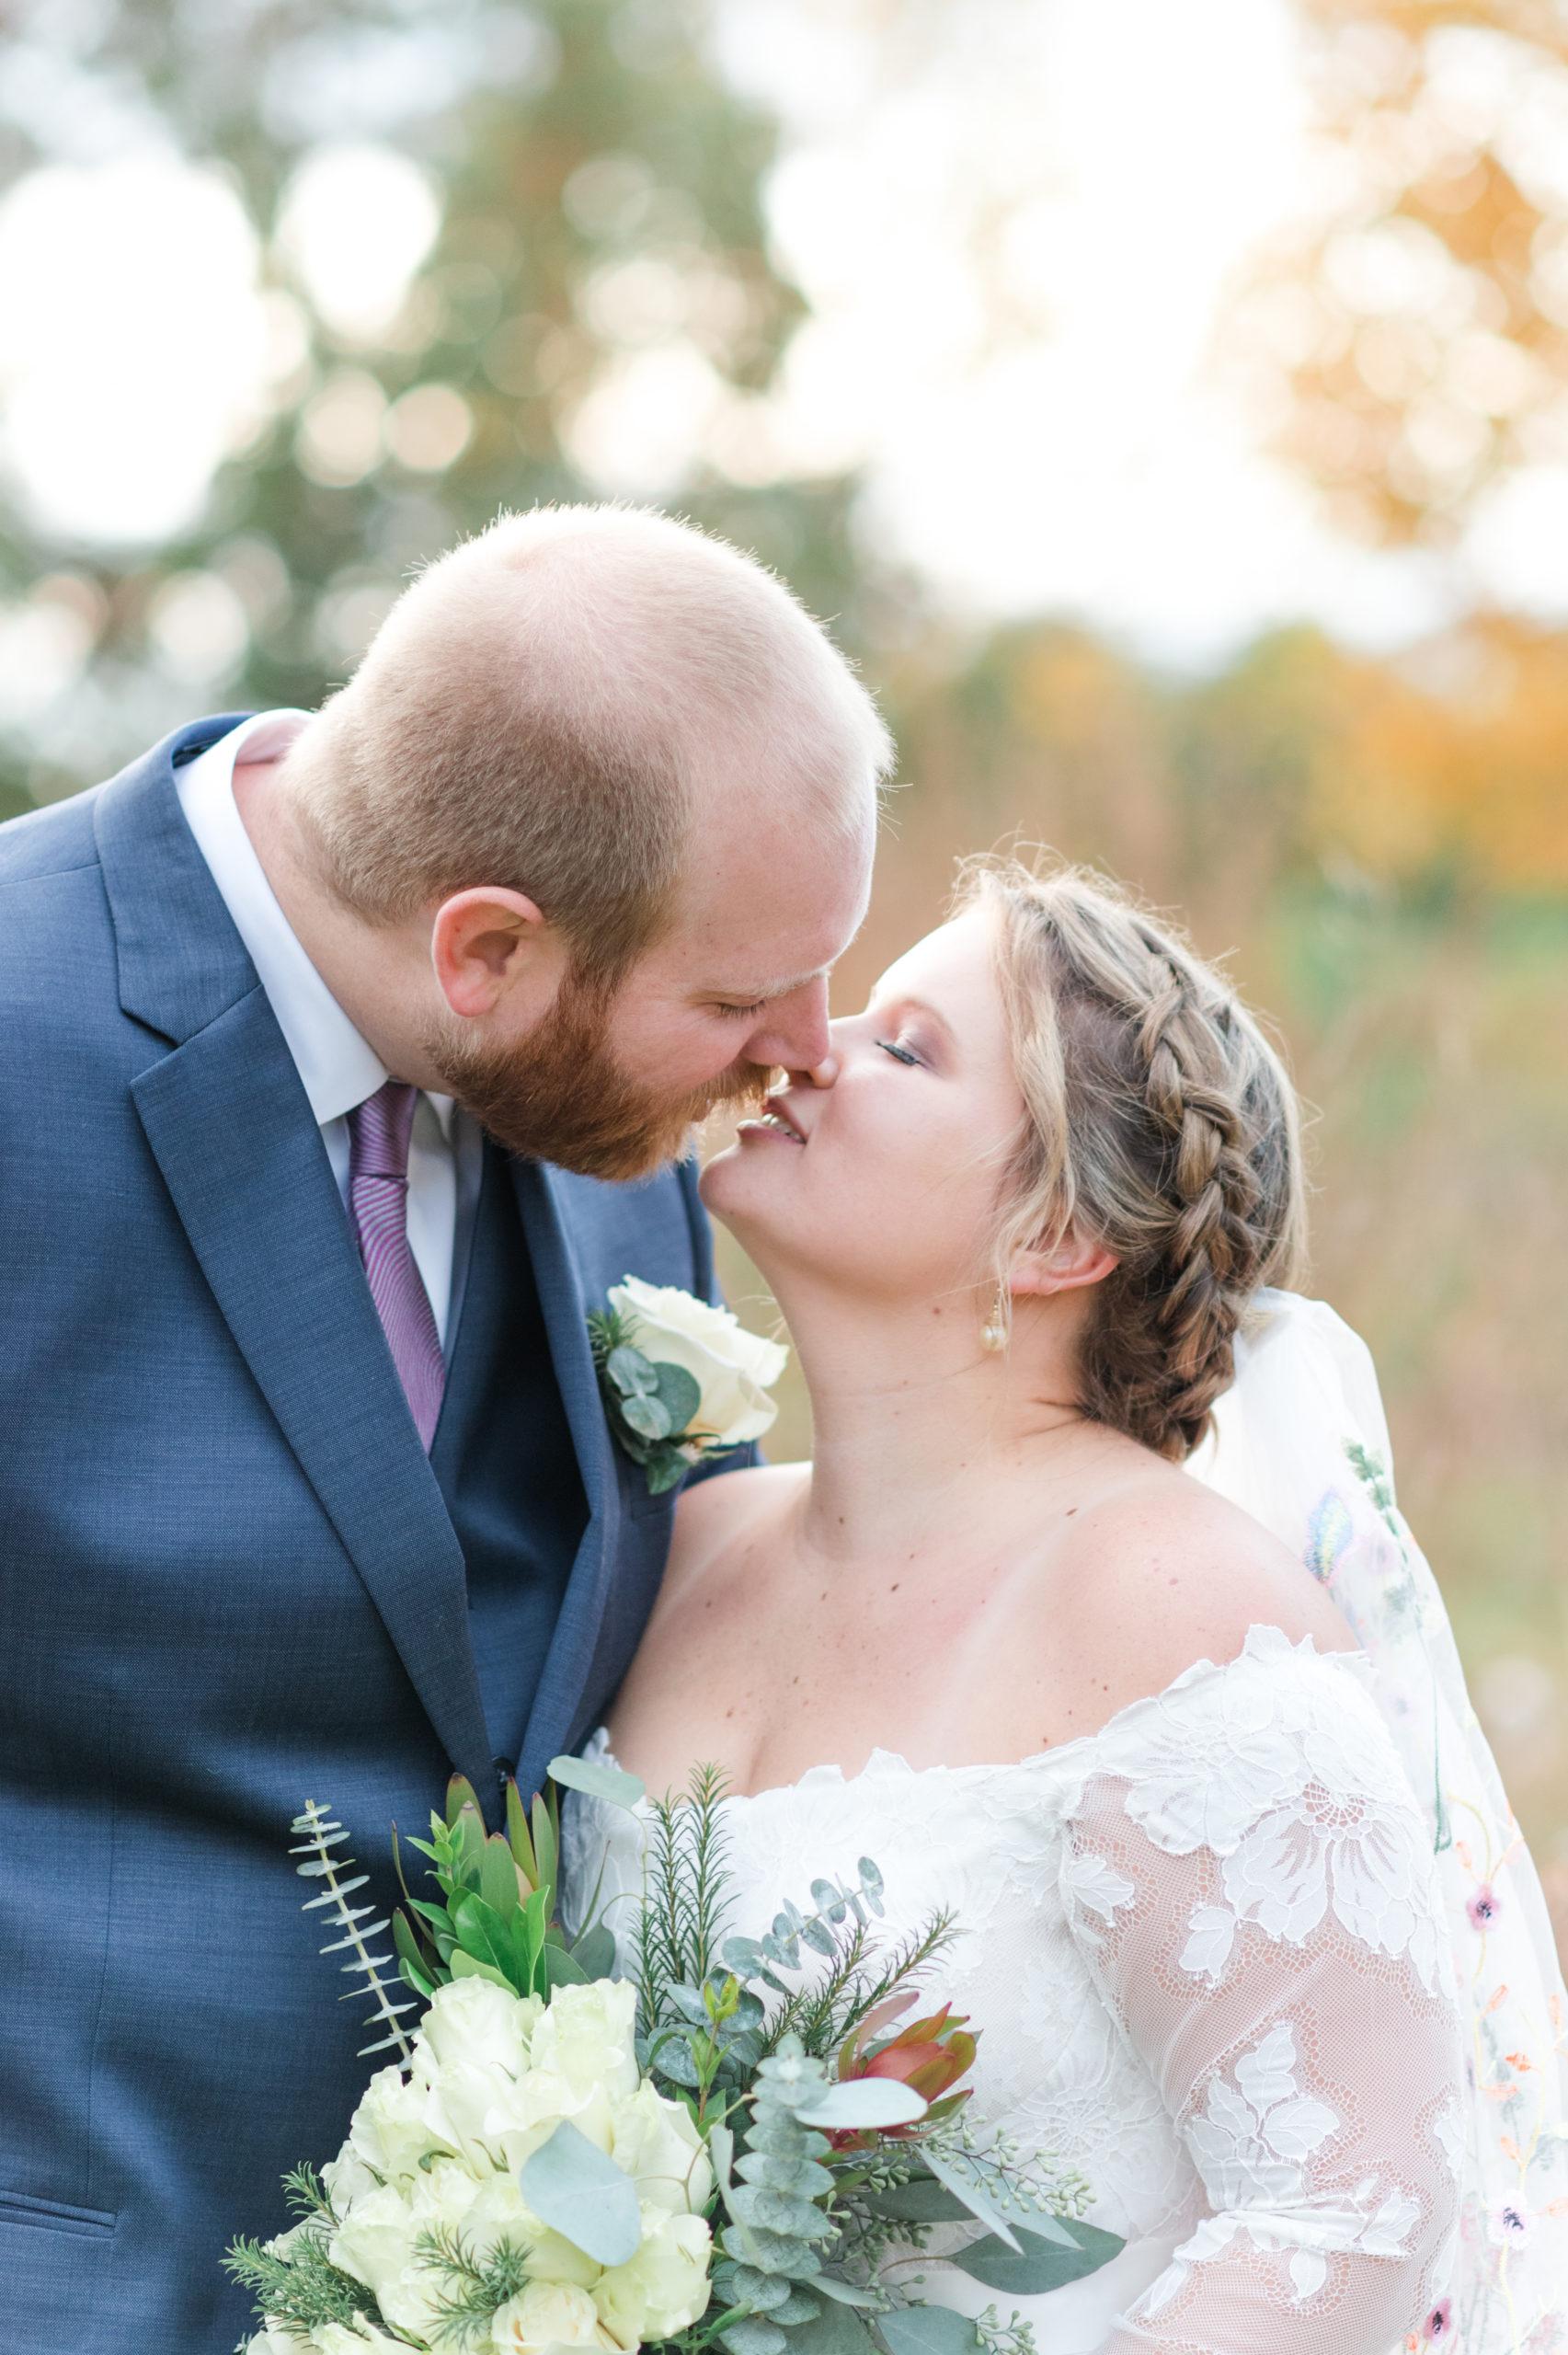 When should I book my wedding vendors?